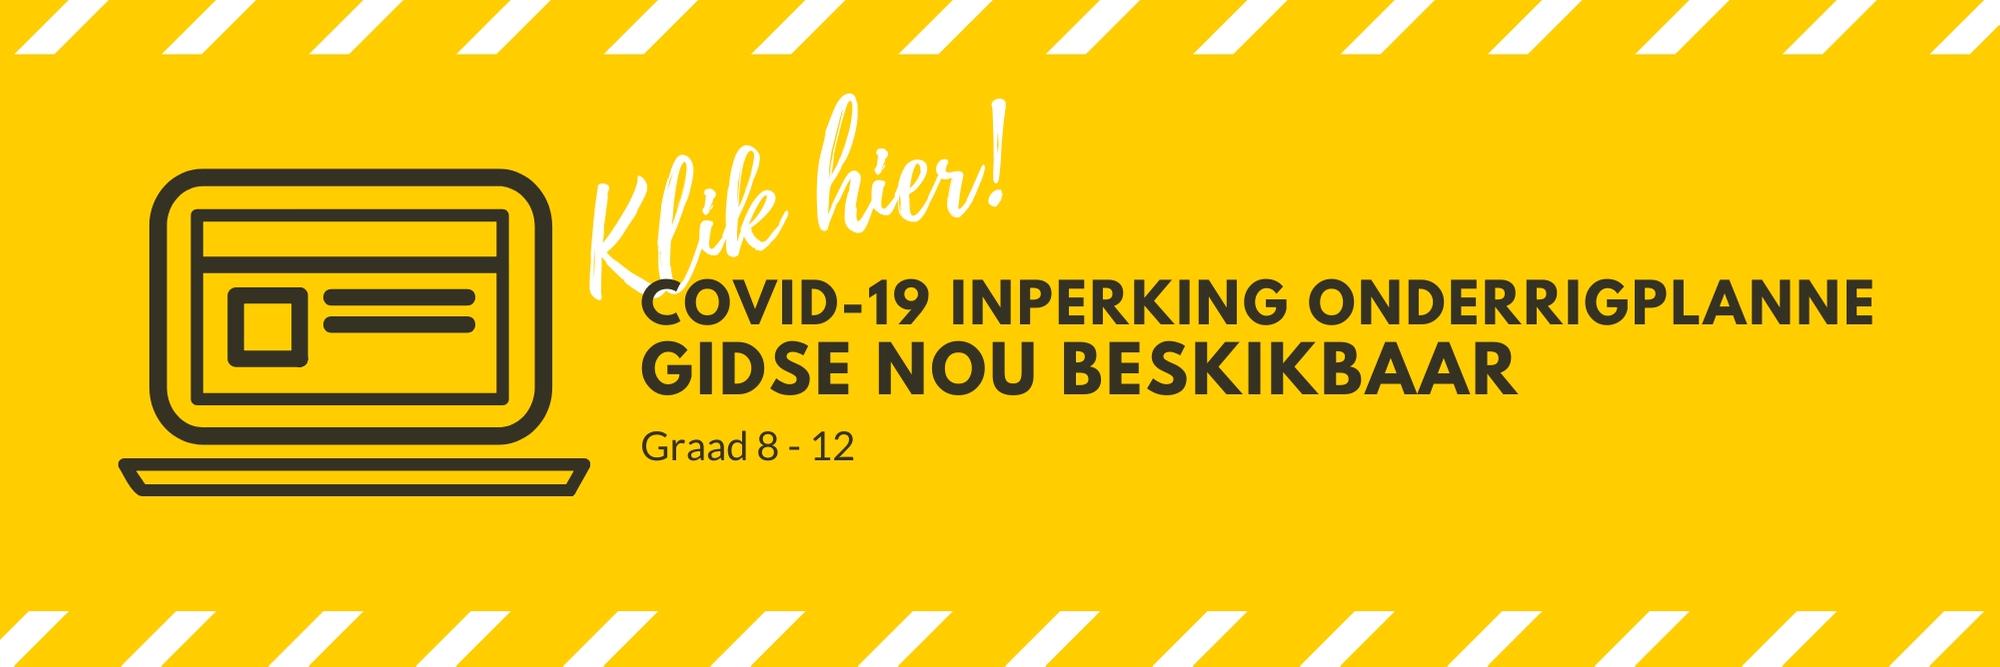 COVID-19 Inperking Onderrigplanne